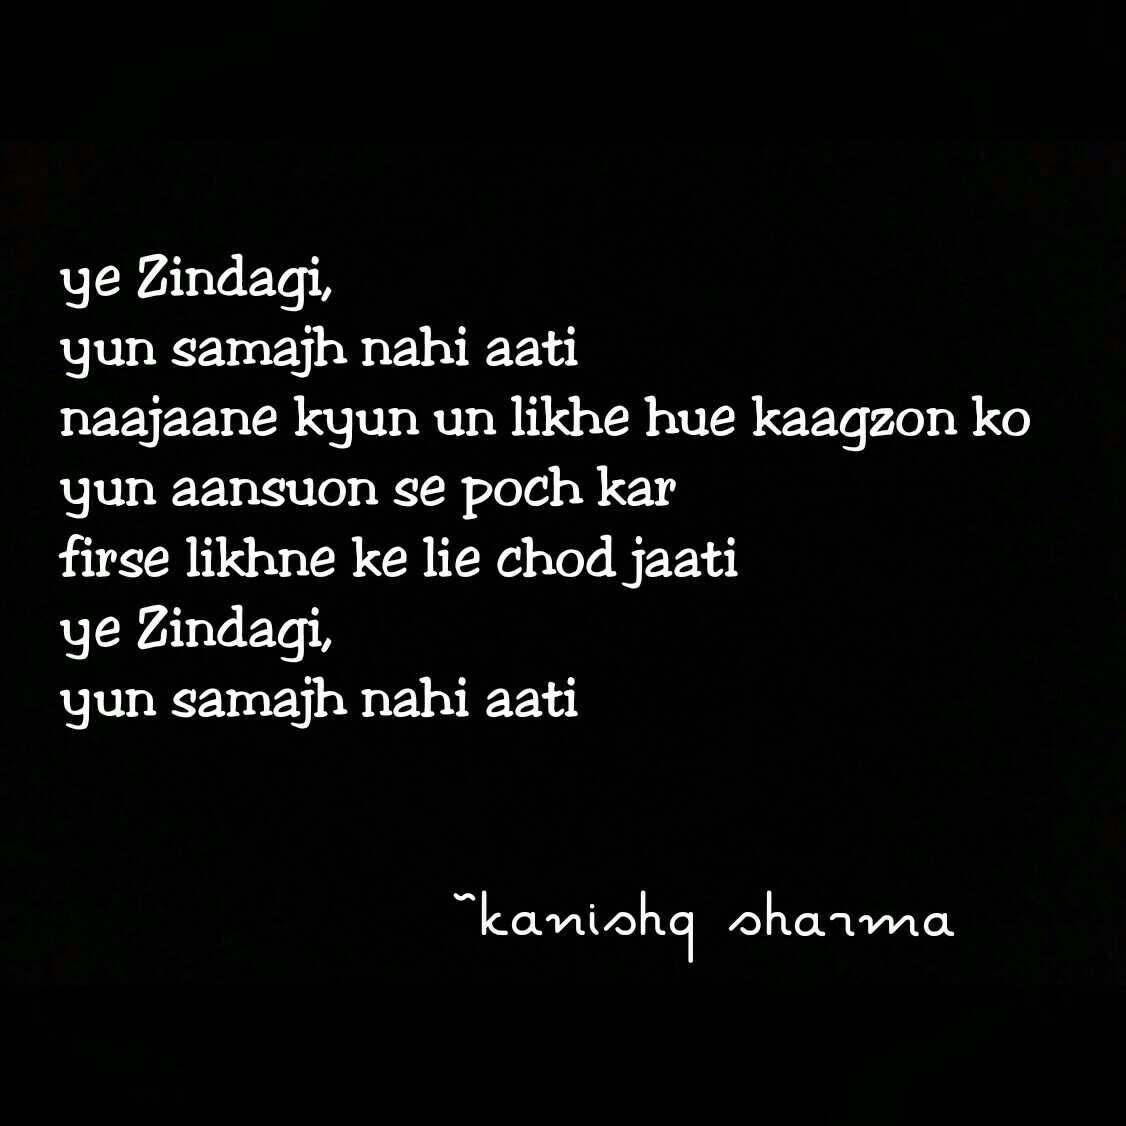 Love Life Yezindagi Zindagi Hindi Kaagaz Lifequotes Hindi